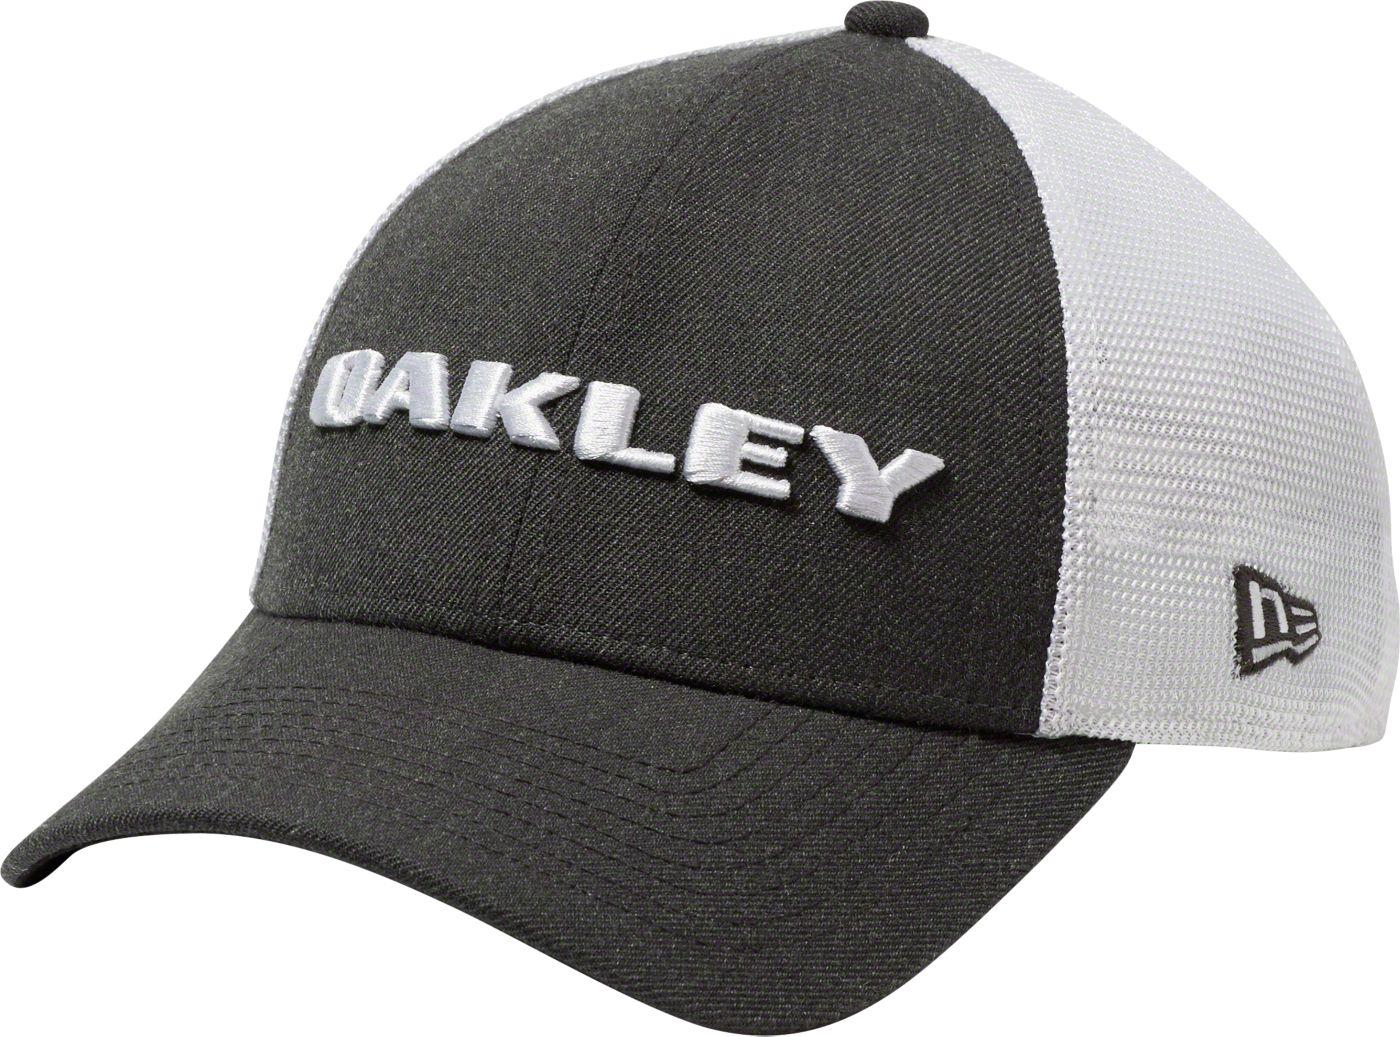 Oakley Heather New Era Snap-Back Hat